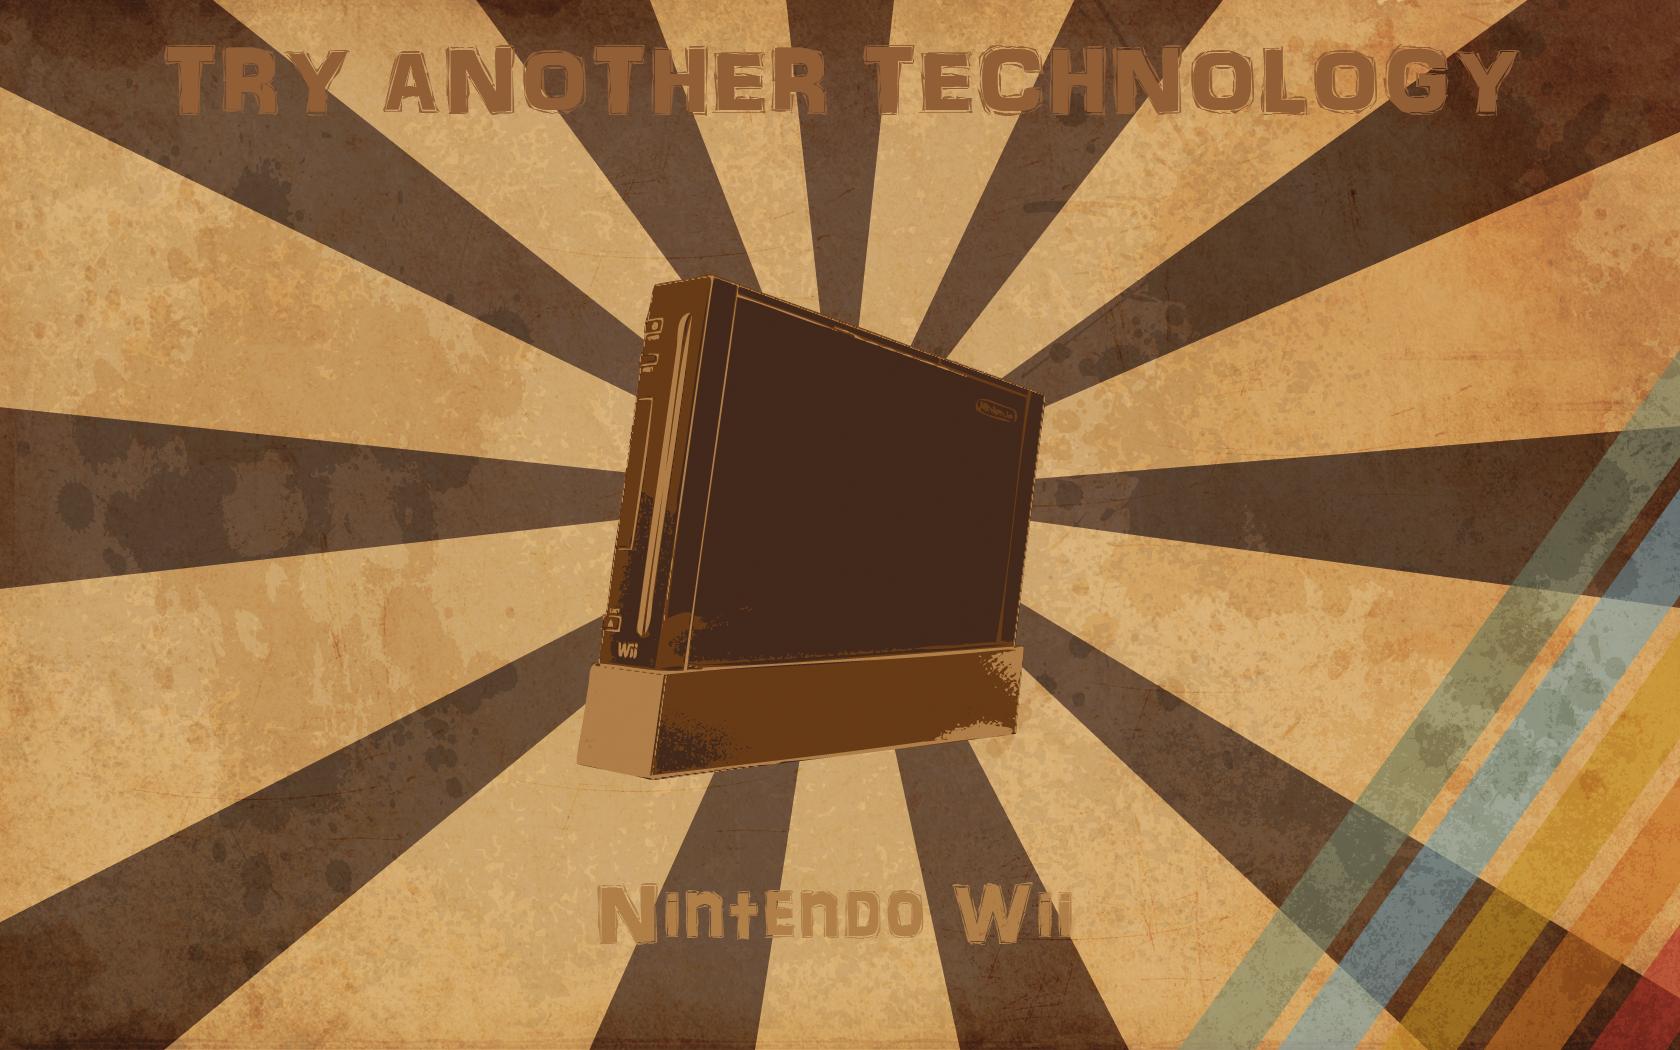 Retro Wii